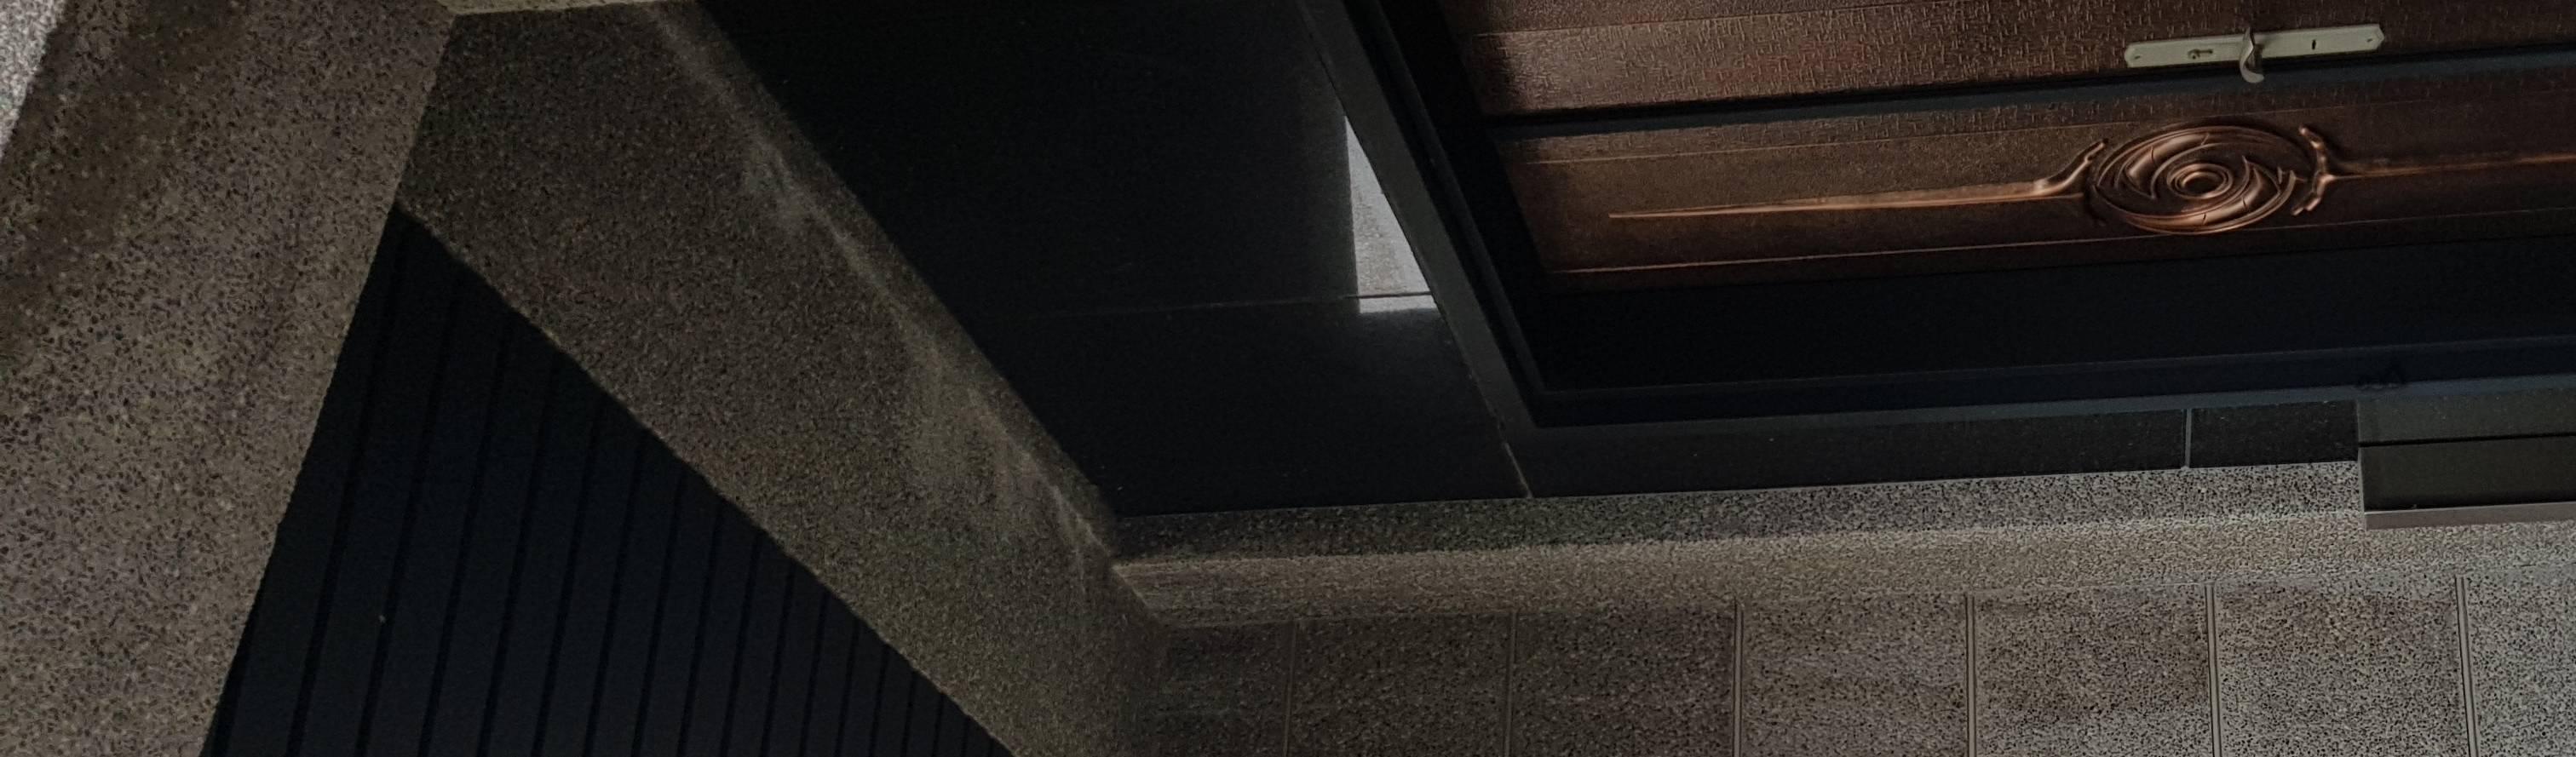 好室科技 – 隱形鐵窗 鋼鋁門窗 格柵欄杆 採光遮罩 淋浴拉門 摺紗門窗 智慧家庭